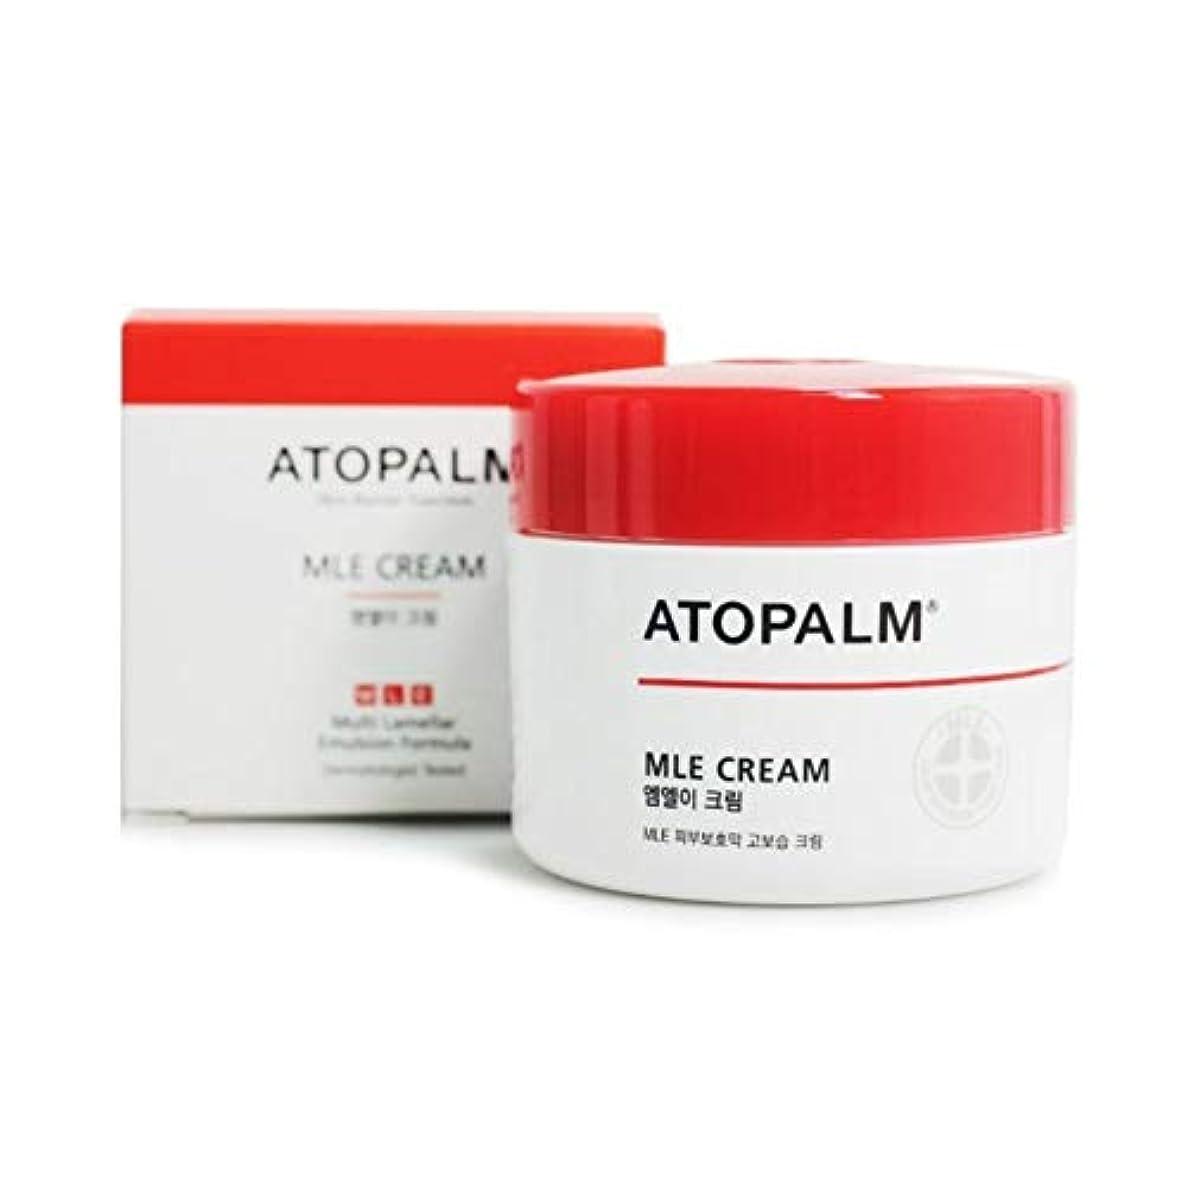 死すべきパスタかるアトパムMLEクリーム160mlベビークリーム韓国コスメ、Atopalm MLE Cream 160ml Baby Cream Korean Cosmetics [並行輸入品]